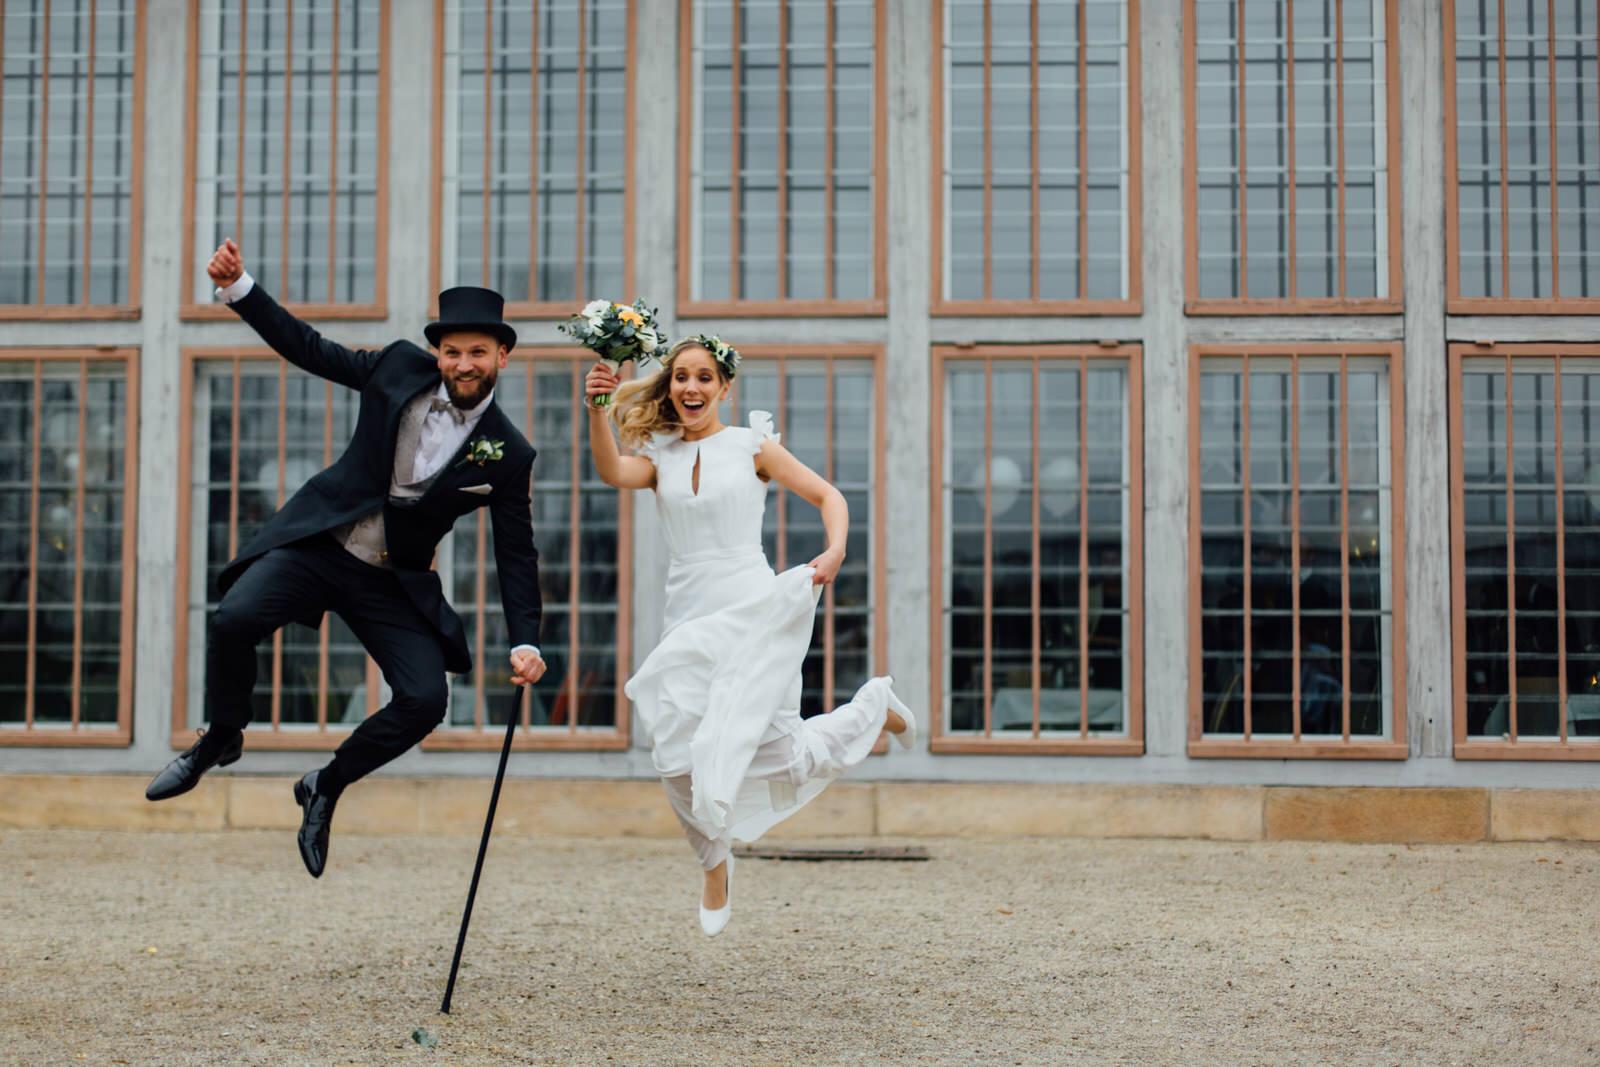 Hochzeitsfotograf_Rödental_Alte_Mühle_Alte_Orangerie_Schloss_Rosenau_100227250.JPG